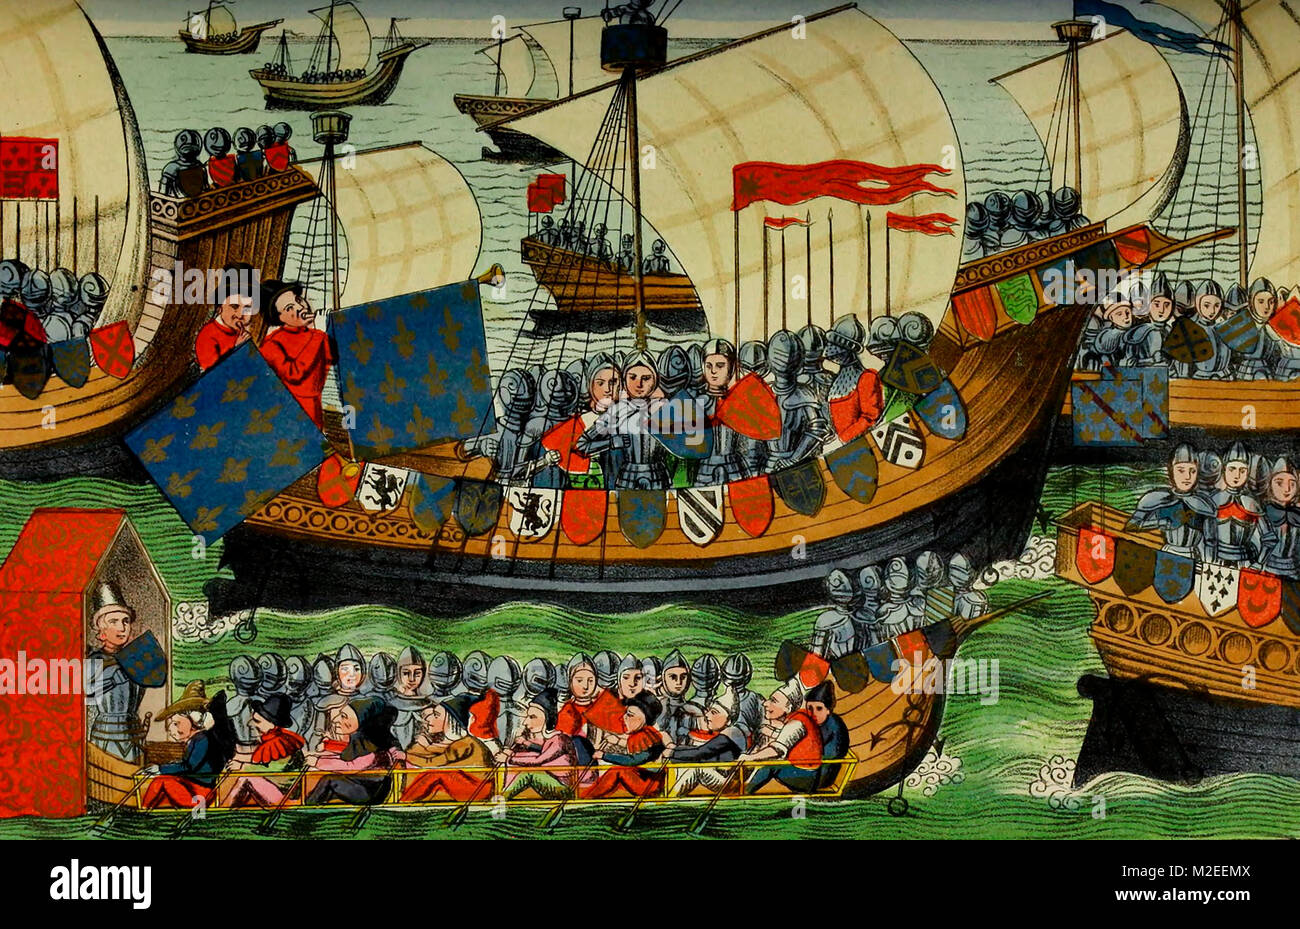 La spedizione del francese e inglese per la costa di Africa, a richiesta del genovese Immagini Stock